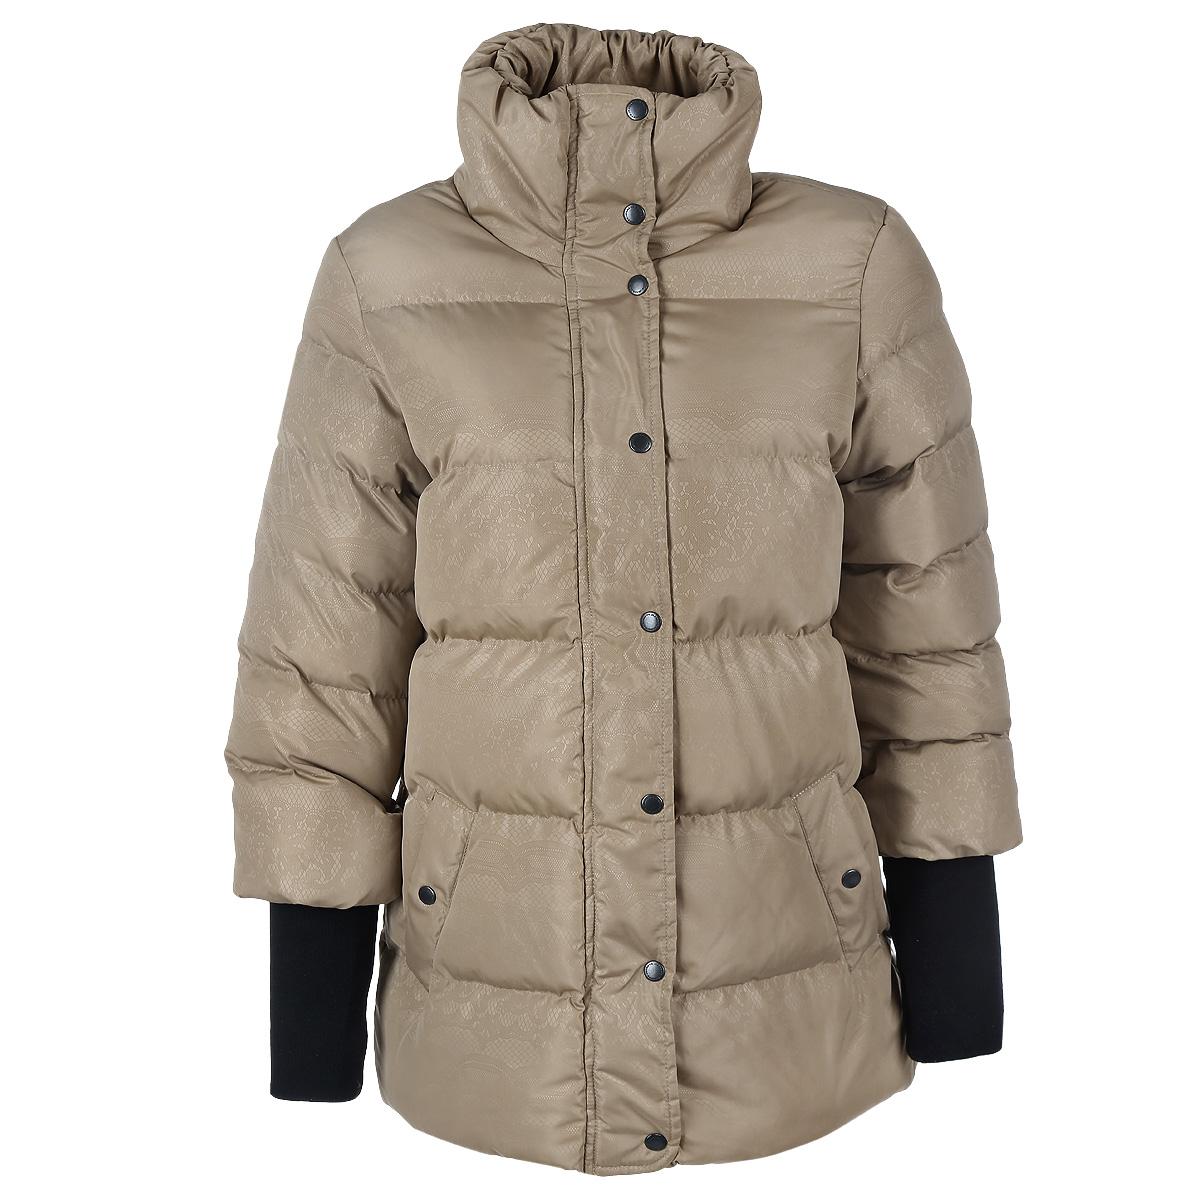 Куртка женская. 1686016860Женская стеганая куртка F5 отлично подойдет для холодной погоды. Модель изготовлена из 100% полиэстера. Подкладка и утеплитель также выполнены из 100% полиэстера. Модель прямого кроя с высоким воротником-стойкой застегивается на пластиковую застежку-молнию, и дополнительно имеет внутреннюю и внешнюю ветрозащитные планки. Верхняя планка застегивается на металлические кнопки. Воротник по краю присборен на тонкую эластичную резинку, образующую сборки. Спереди предусмотрены два прорезных кармана на кнопках. Также имеется внутренний прорезной карман на застежке-молнии. Низ рукавов дополнен длинными плотными трикотажными манжетами со специальными прорезями для больших пальцев. Оформлена модель оригинальным орнаментом. Эта модная куртка послужит отличным дополнением к вашему гардеробу!